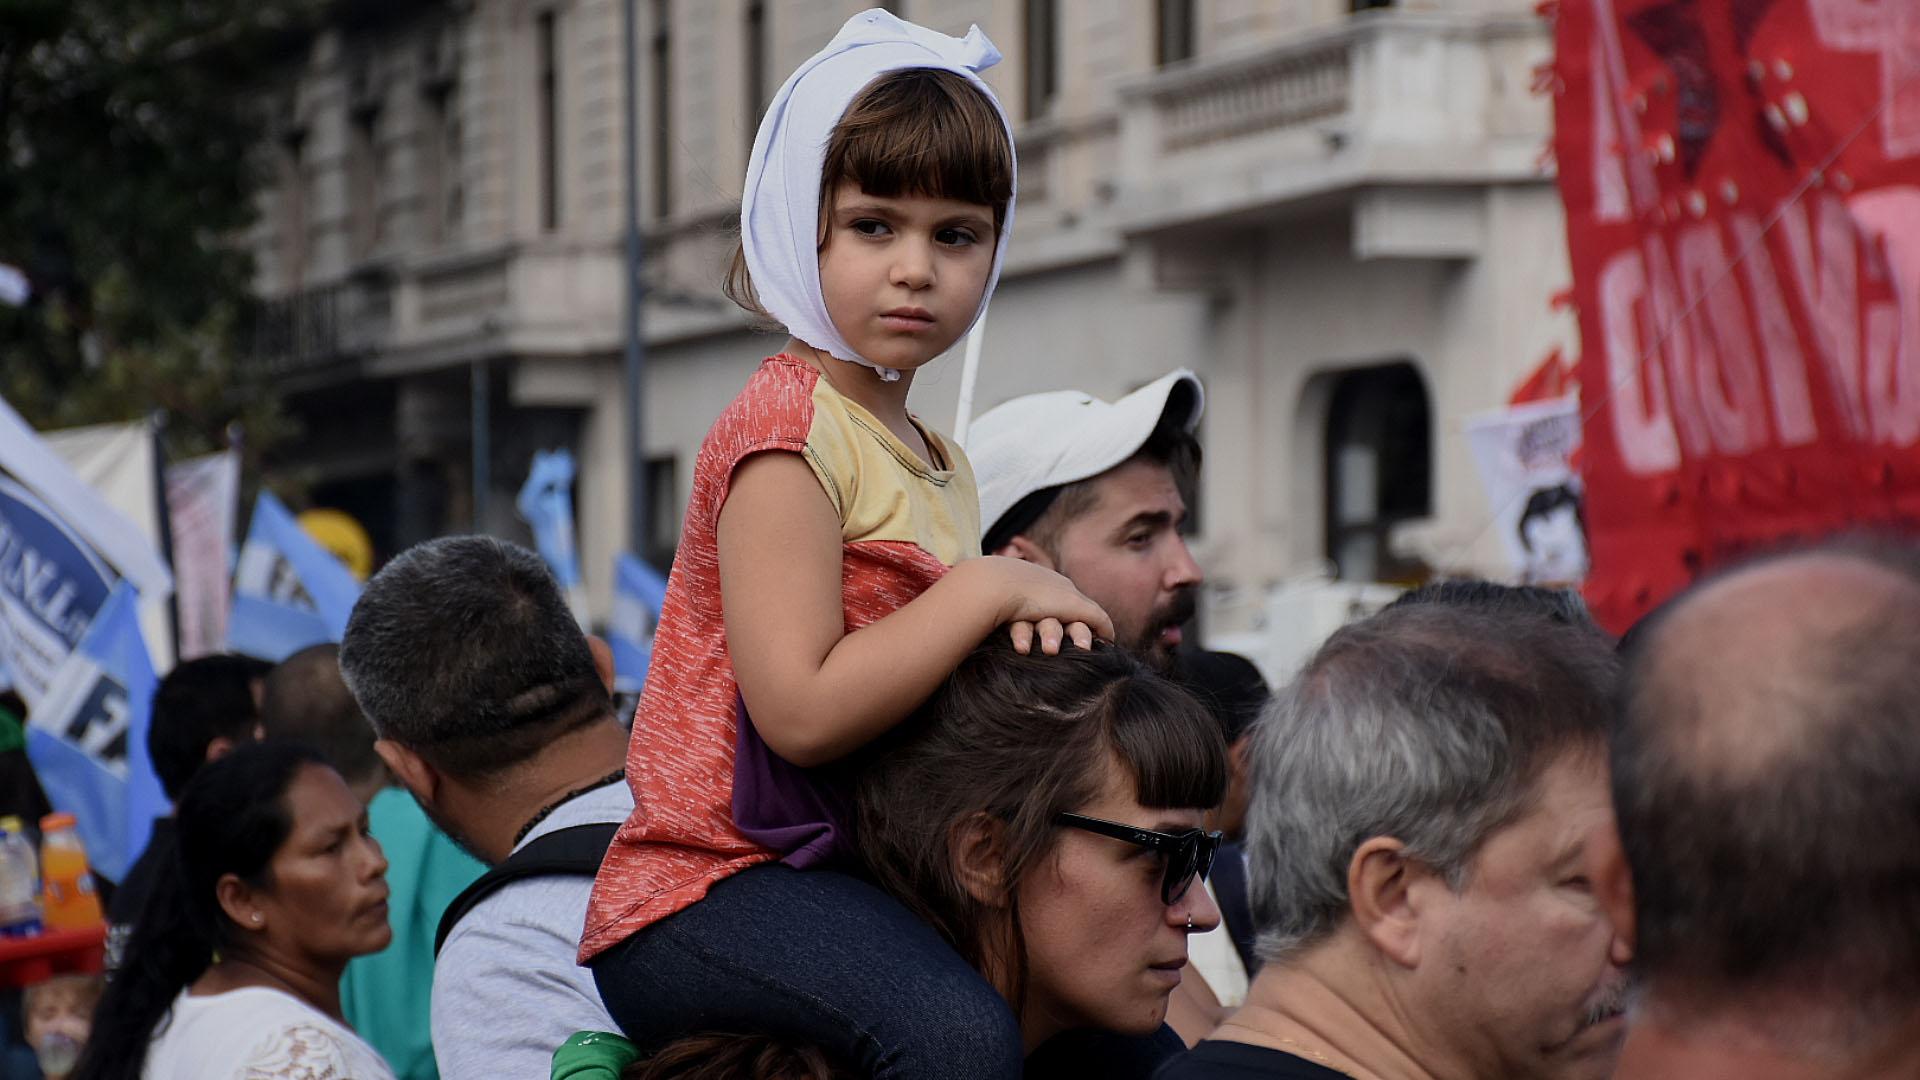 Una nena de 4 años que atrapó todas las miradas, con un pañuelo de las Madres en la cabeza desde los hombros de su mamá